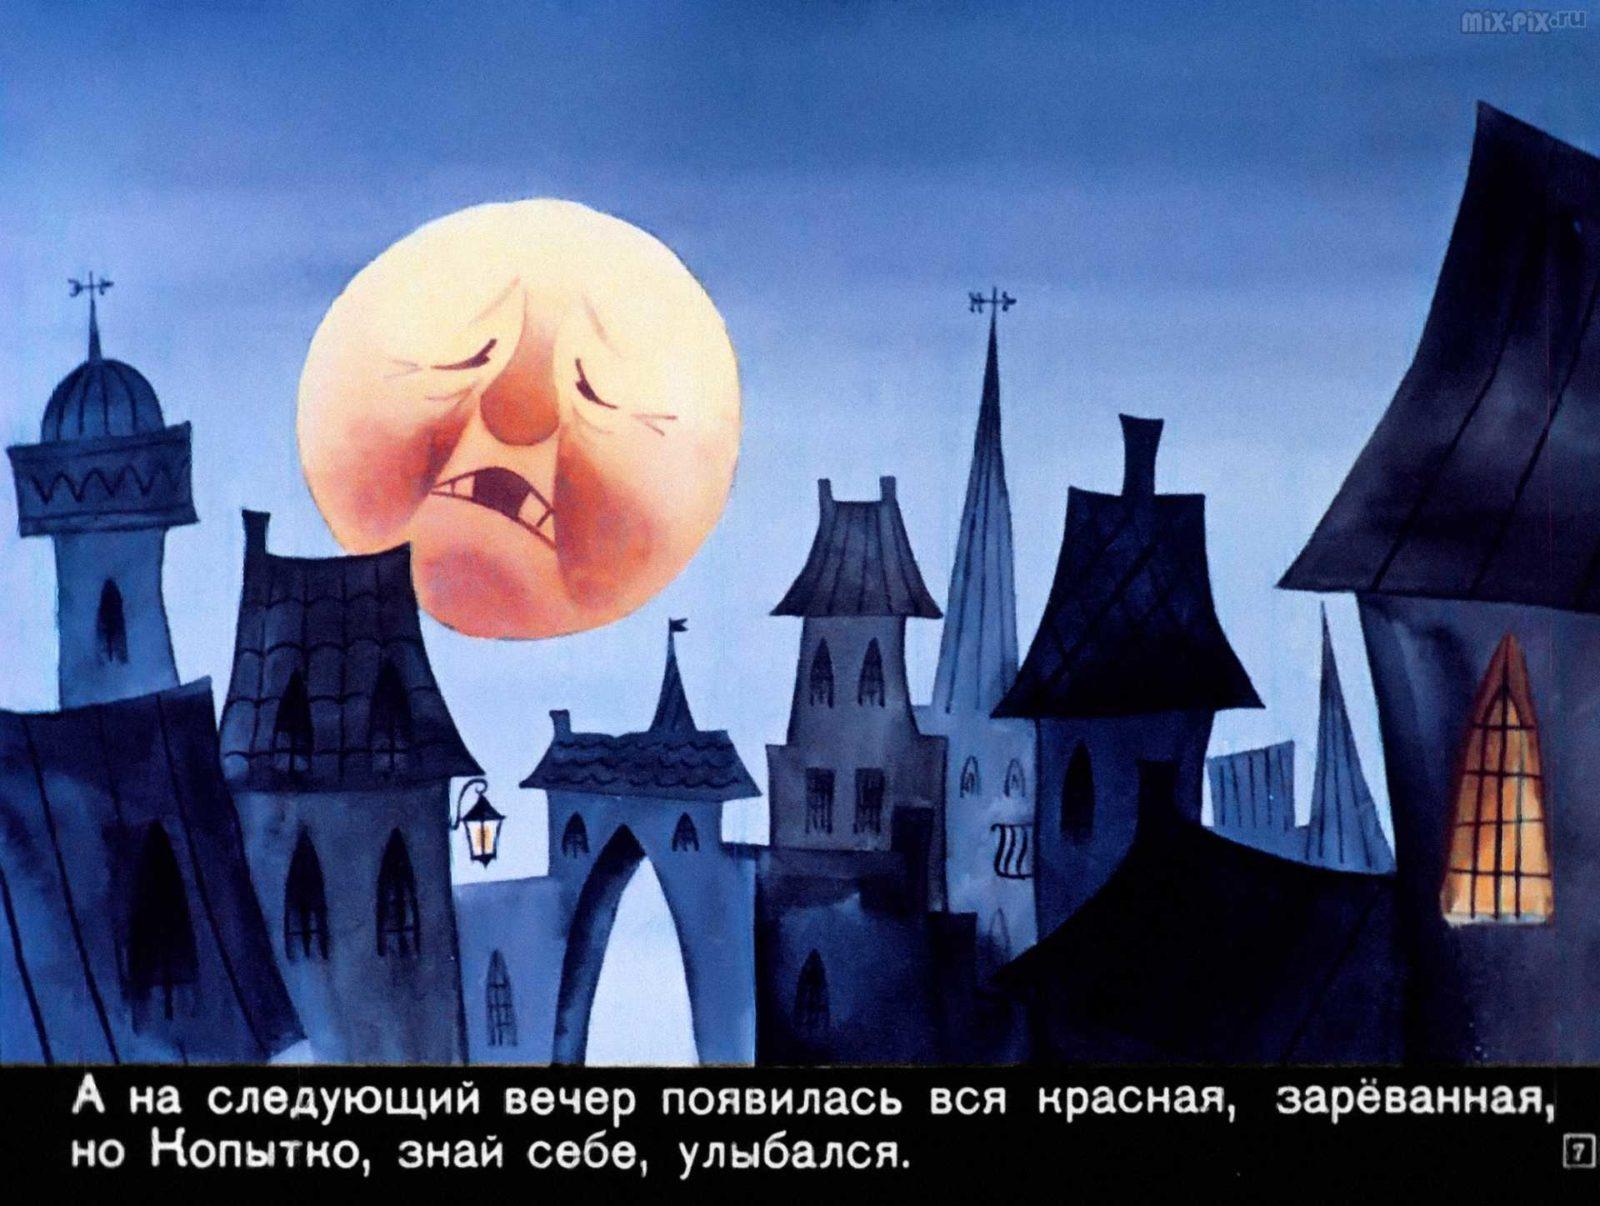 Сапожник Копытко и утка Кря (1972) 26